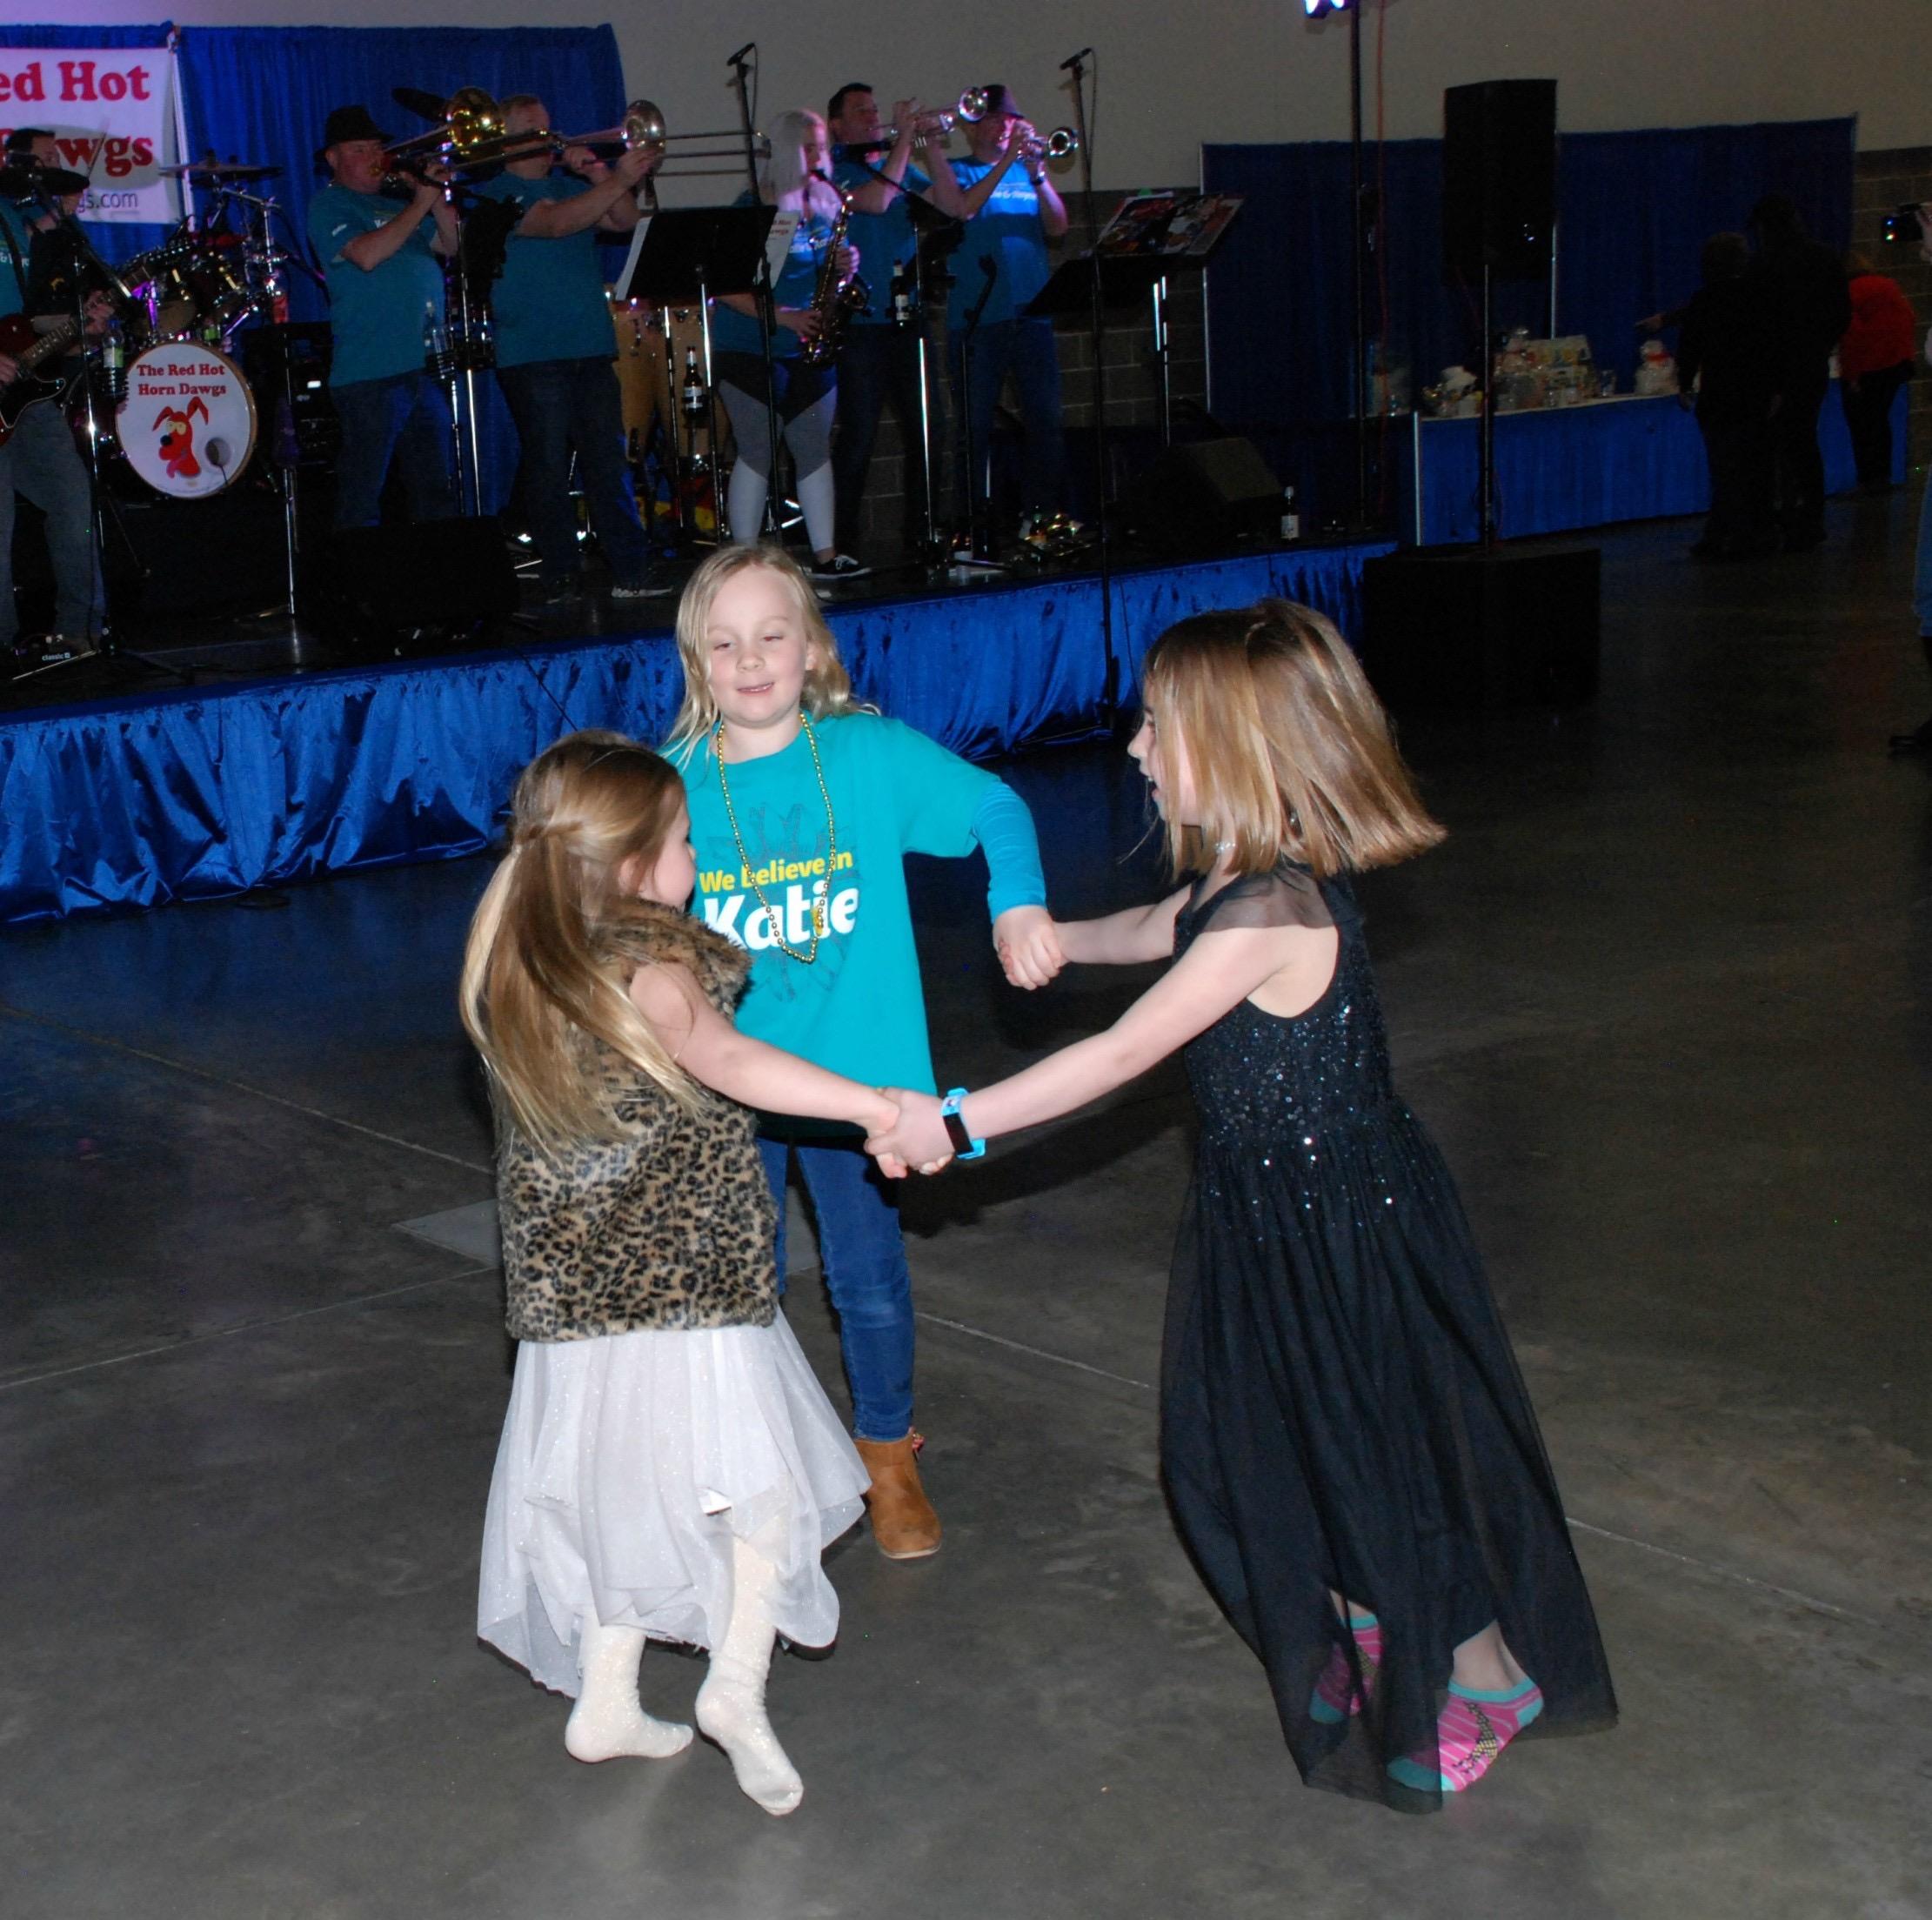 dancing cropped.jpg